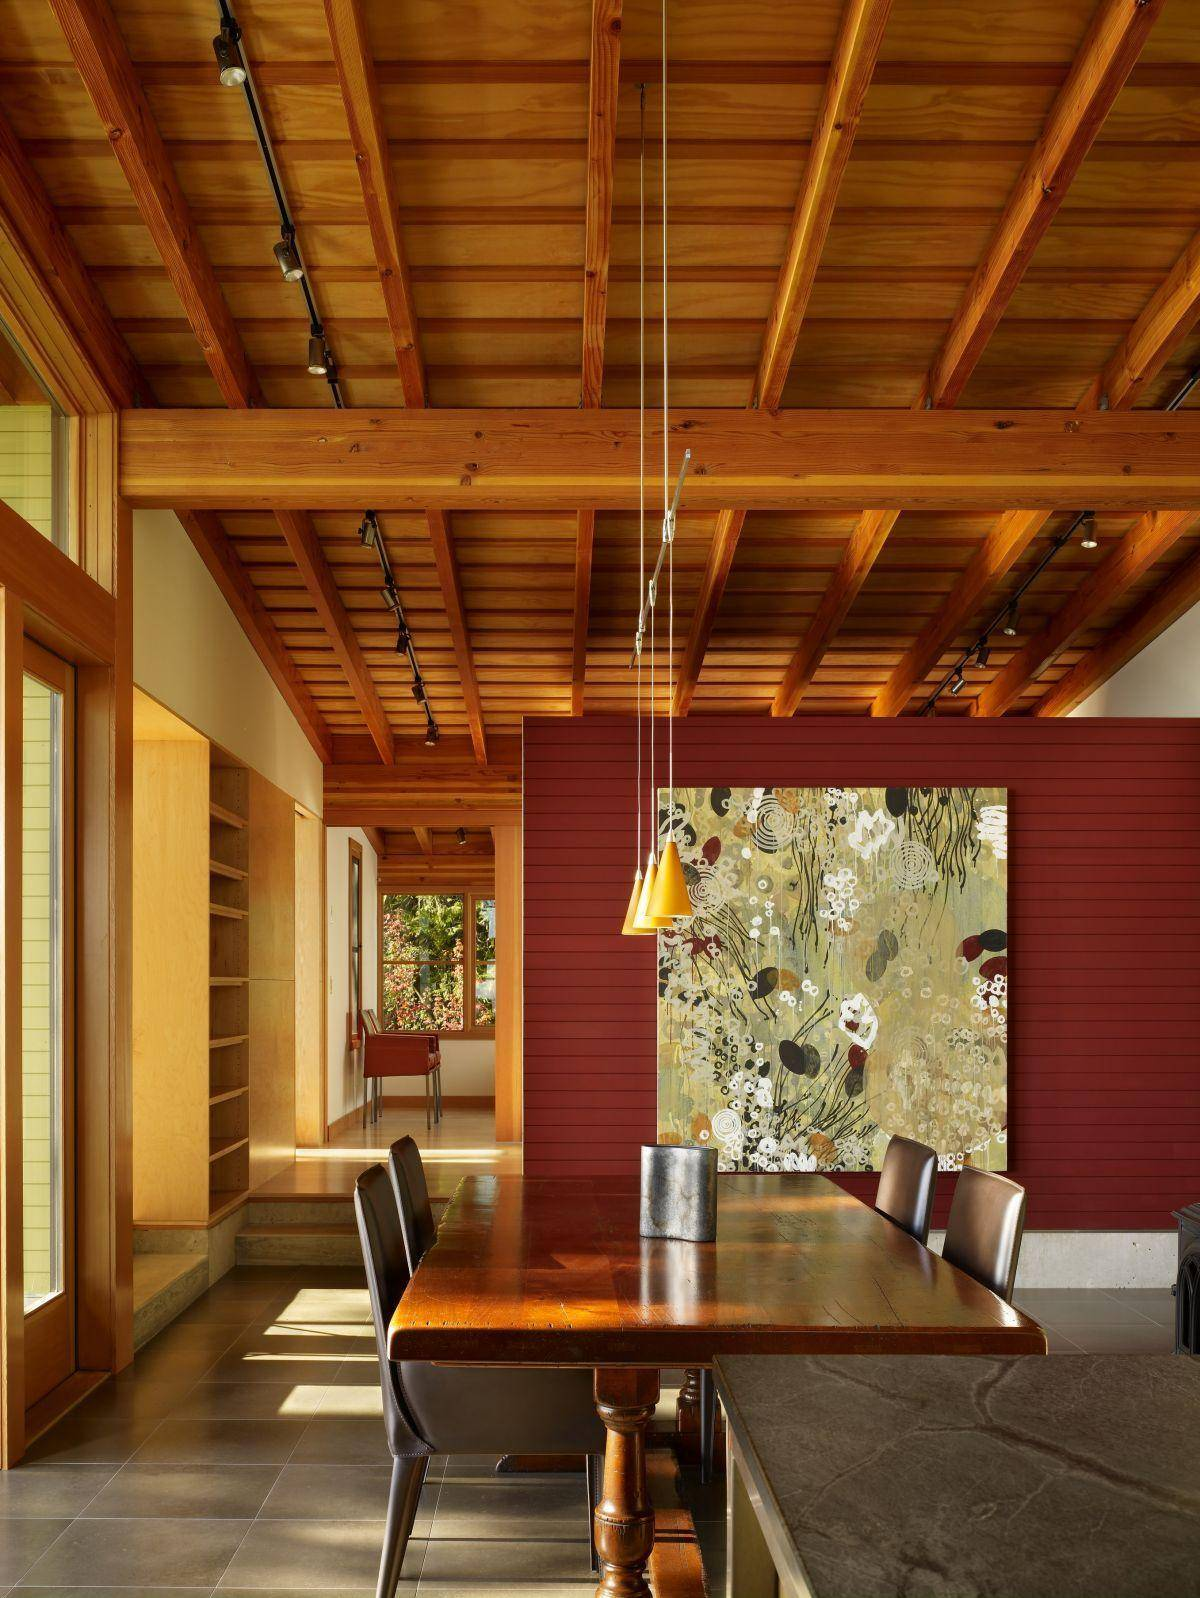 Как сделать и чем обшить потолок в загородном доме своими руками: советы по оптимальной высоте потолка, фото и видео-инструкция